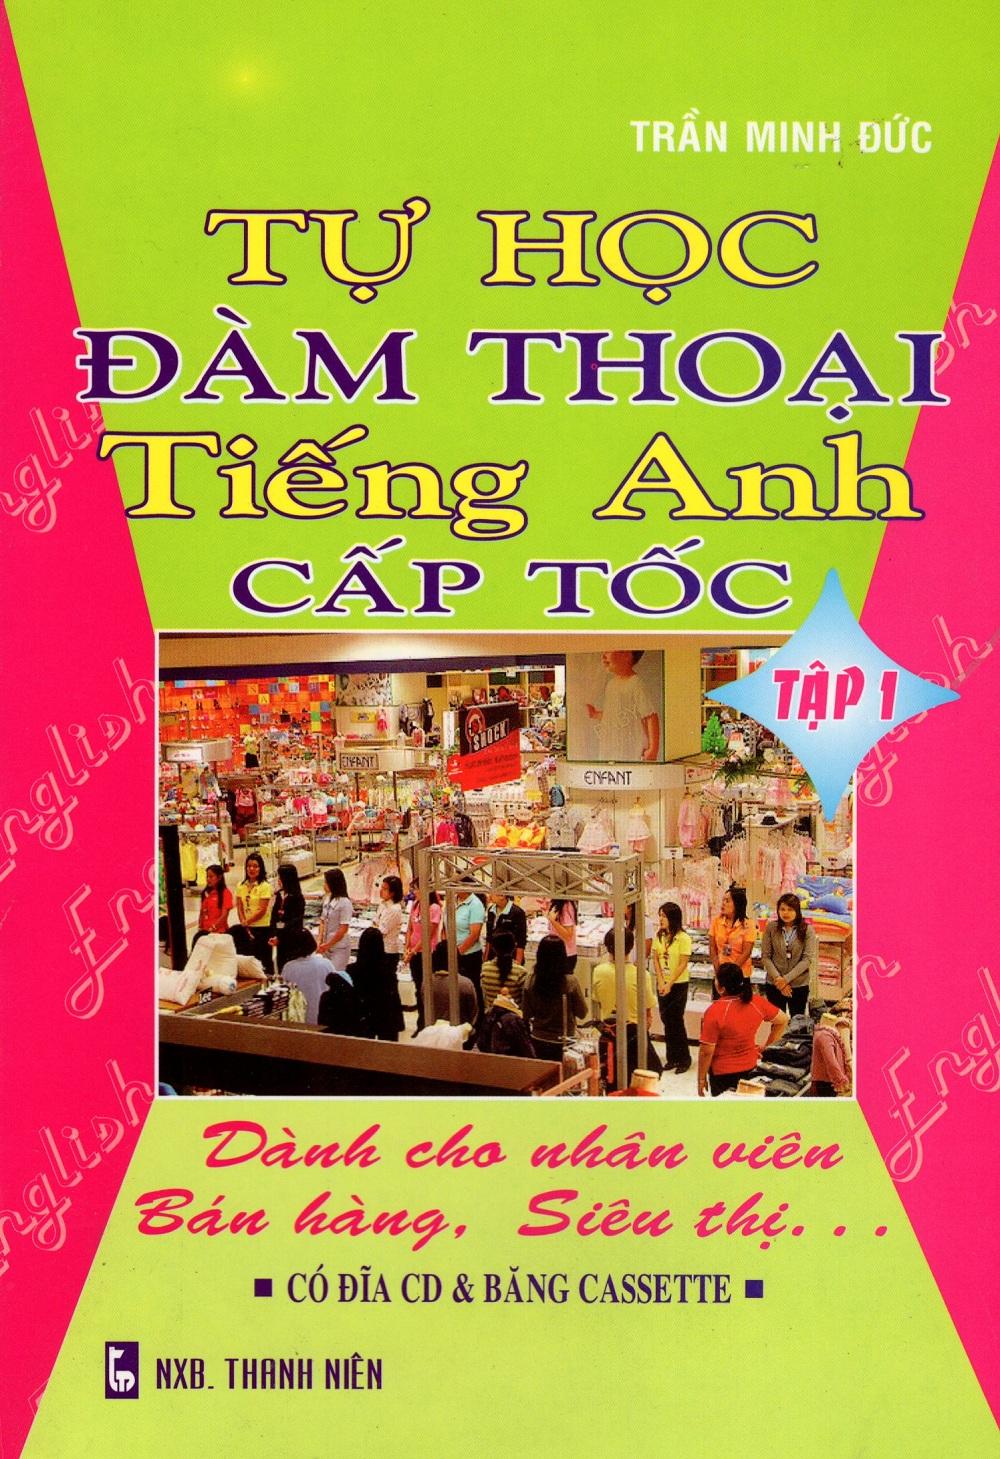 Tự Học Đàm Thoại Tiếng Anh Cấp Tốc - Dành Cho Nhân Viên Bán Hàng, Siêu Thị (Tập 1) - 3105802075625,62_244562,32000,tiki.vn,Tu-Hoc-Dam-Thoai-Tieng-Anh-Cap-Toc-Danh-Cho-Nhan-Vien-Ban-Hang-Sieu-Thi-Tap-1-62_244562,Tự Học Đàm Thoại Tiếng Anh Cấp Tốc - Dành Cho Nhân Viên Bán Hàng, Siêu Thị (Tập 1)